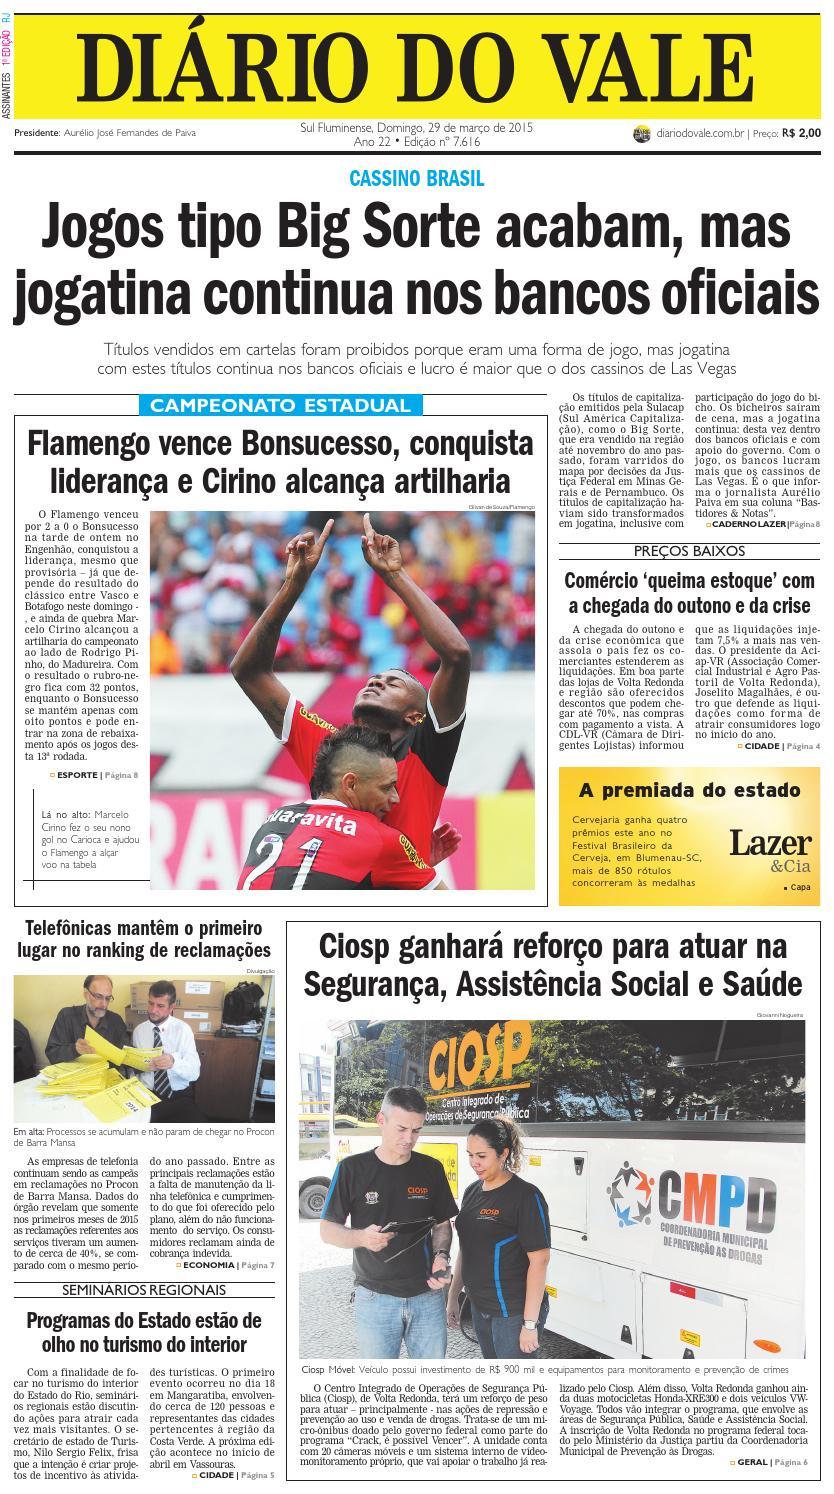 7616 diario domingo 29 03 2015 by Diário do Vale - issuu c7ceefb78ffd9